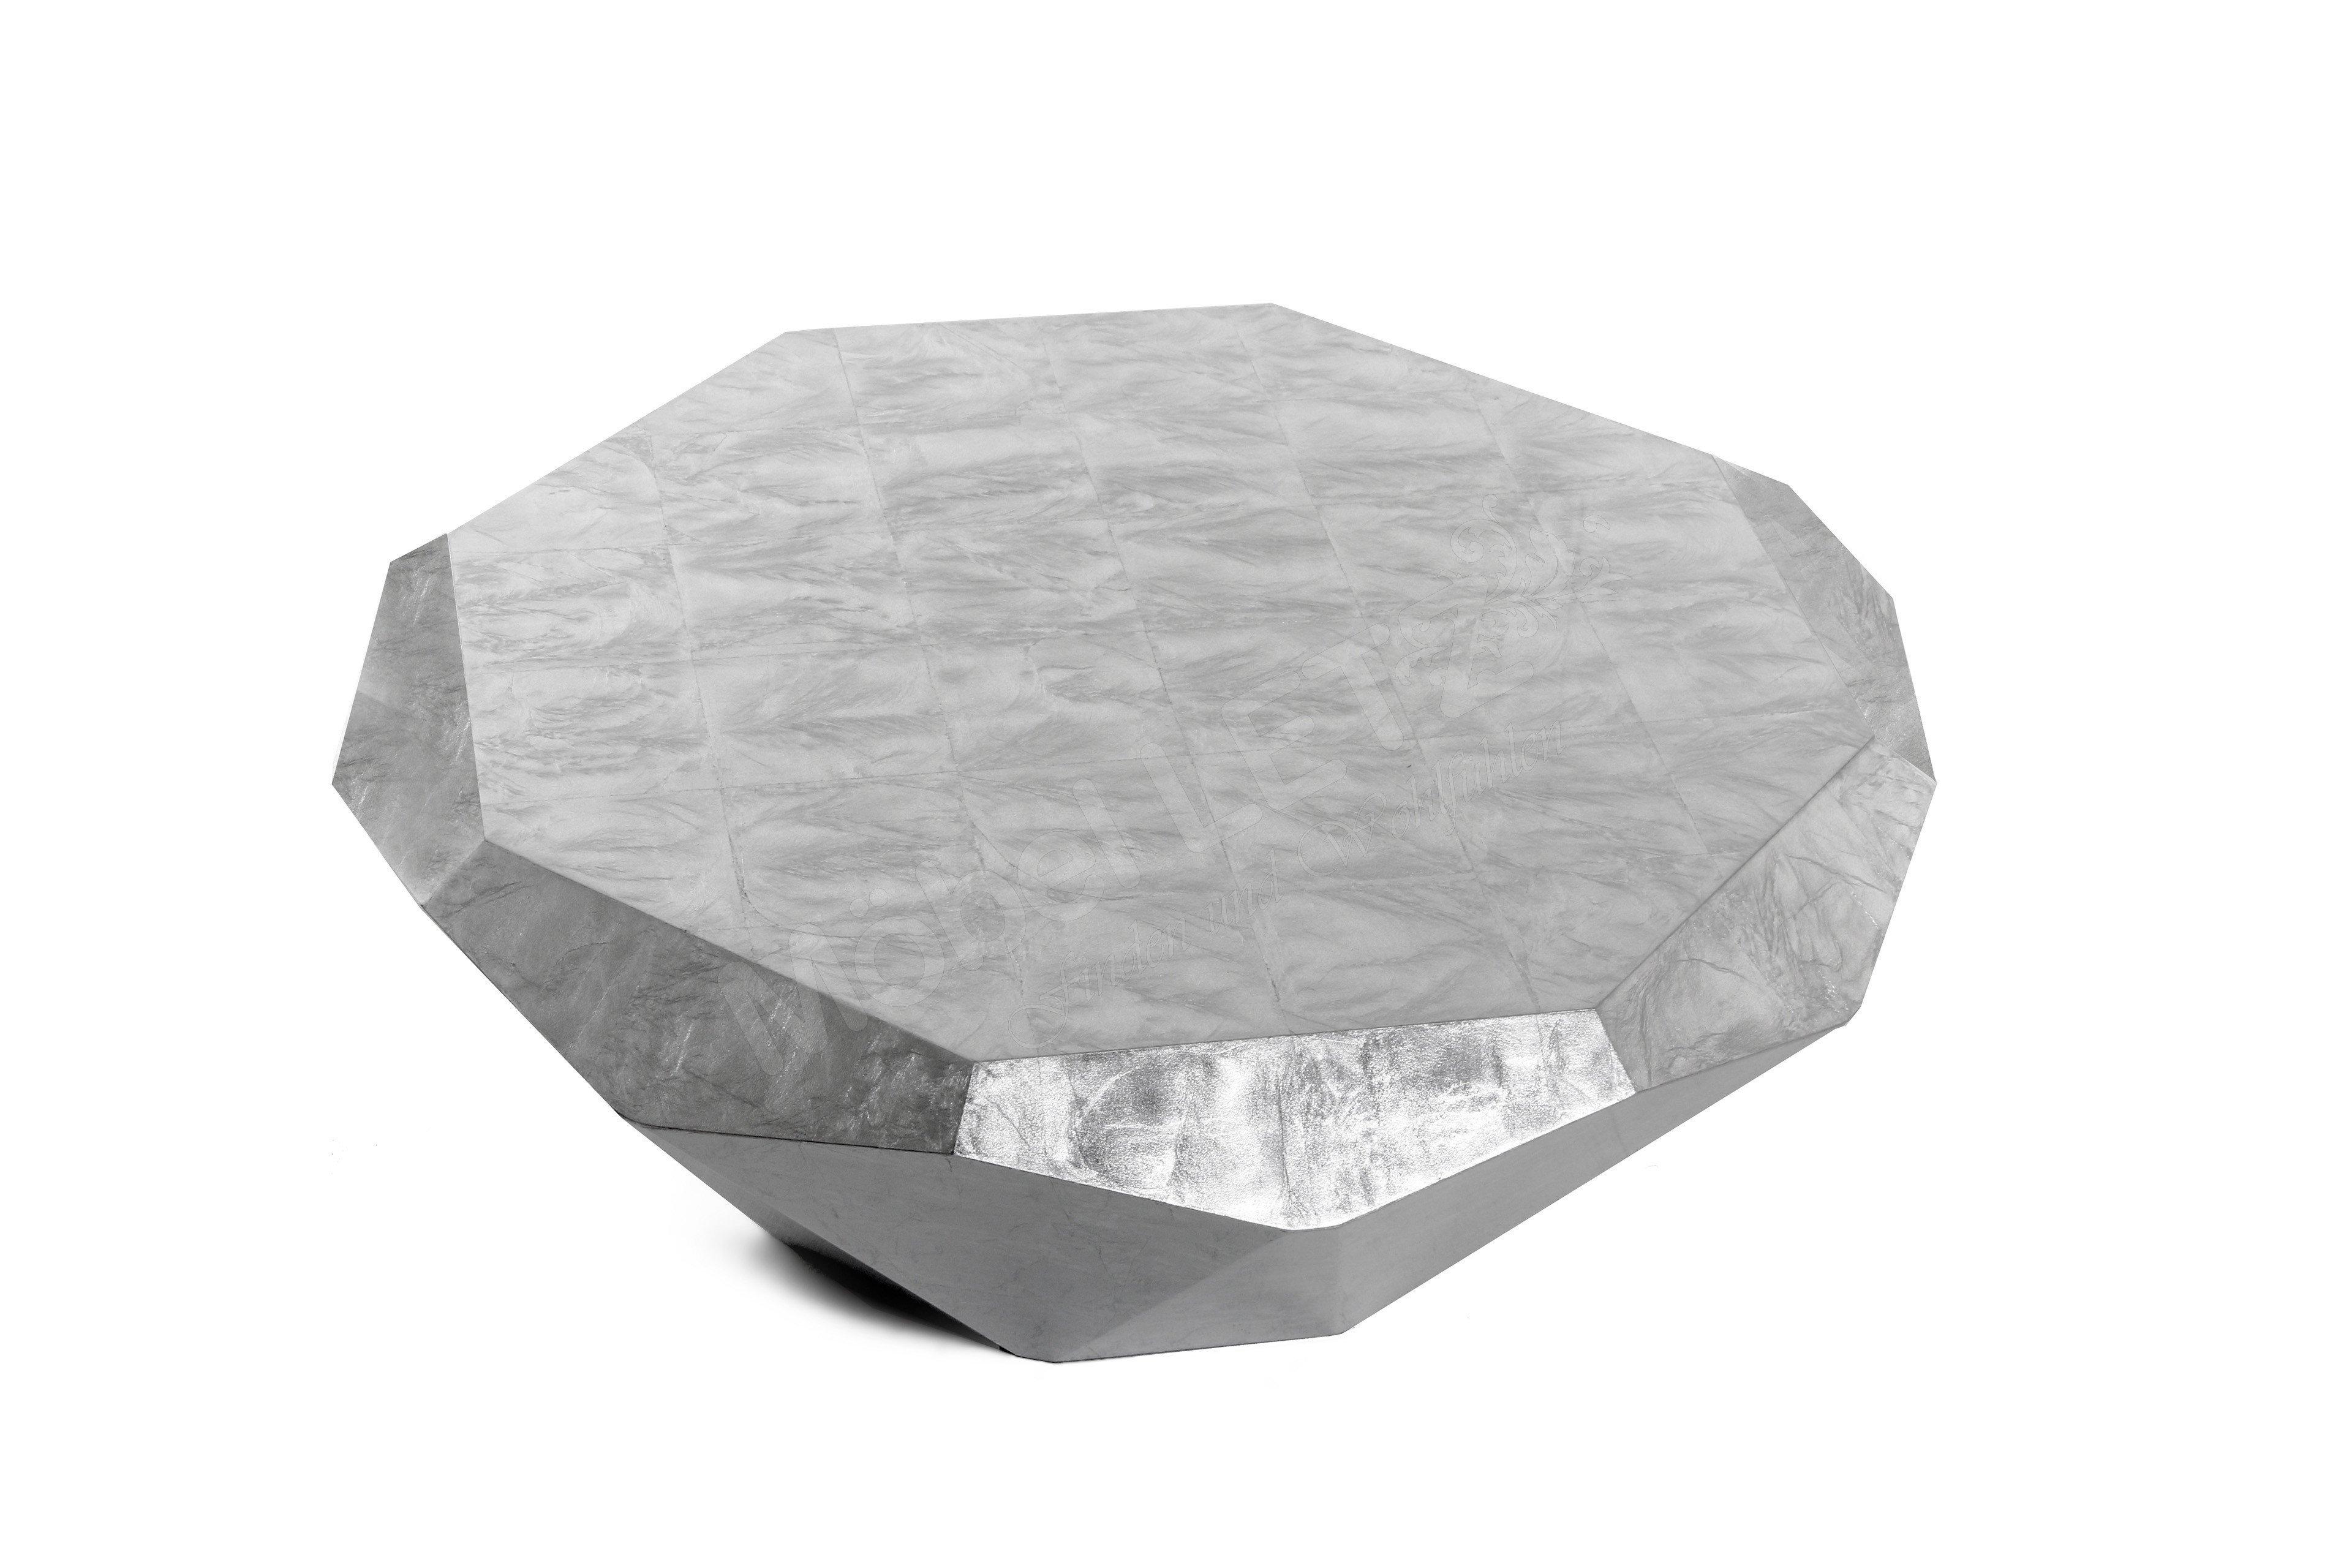 bretz couchtisch stealth r145s aluminiumauflage m bel letz ihr online m bel shop. Black Bedroom Furniture Sets. Home Design Ideas